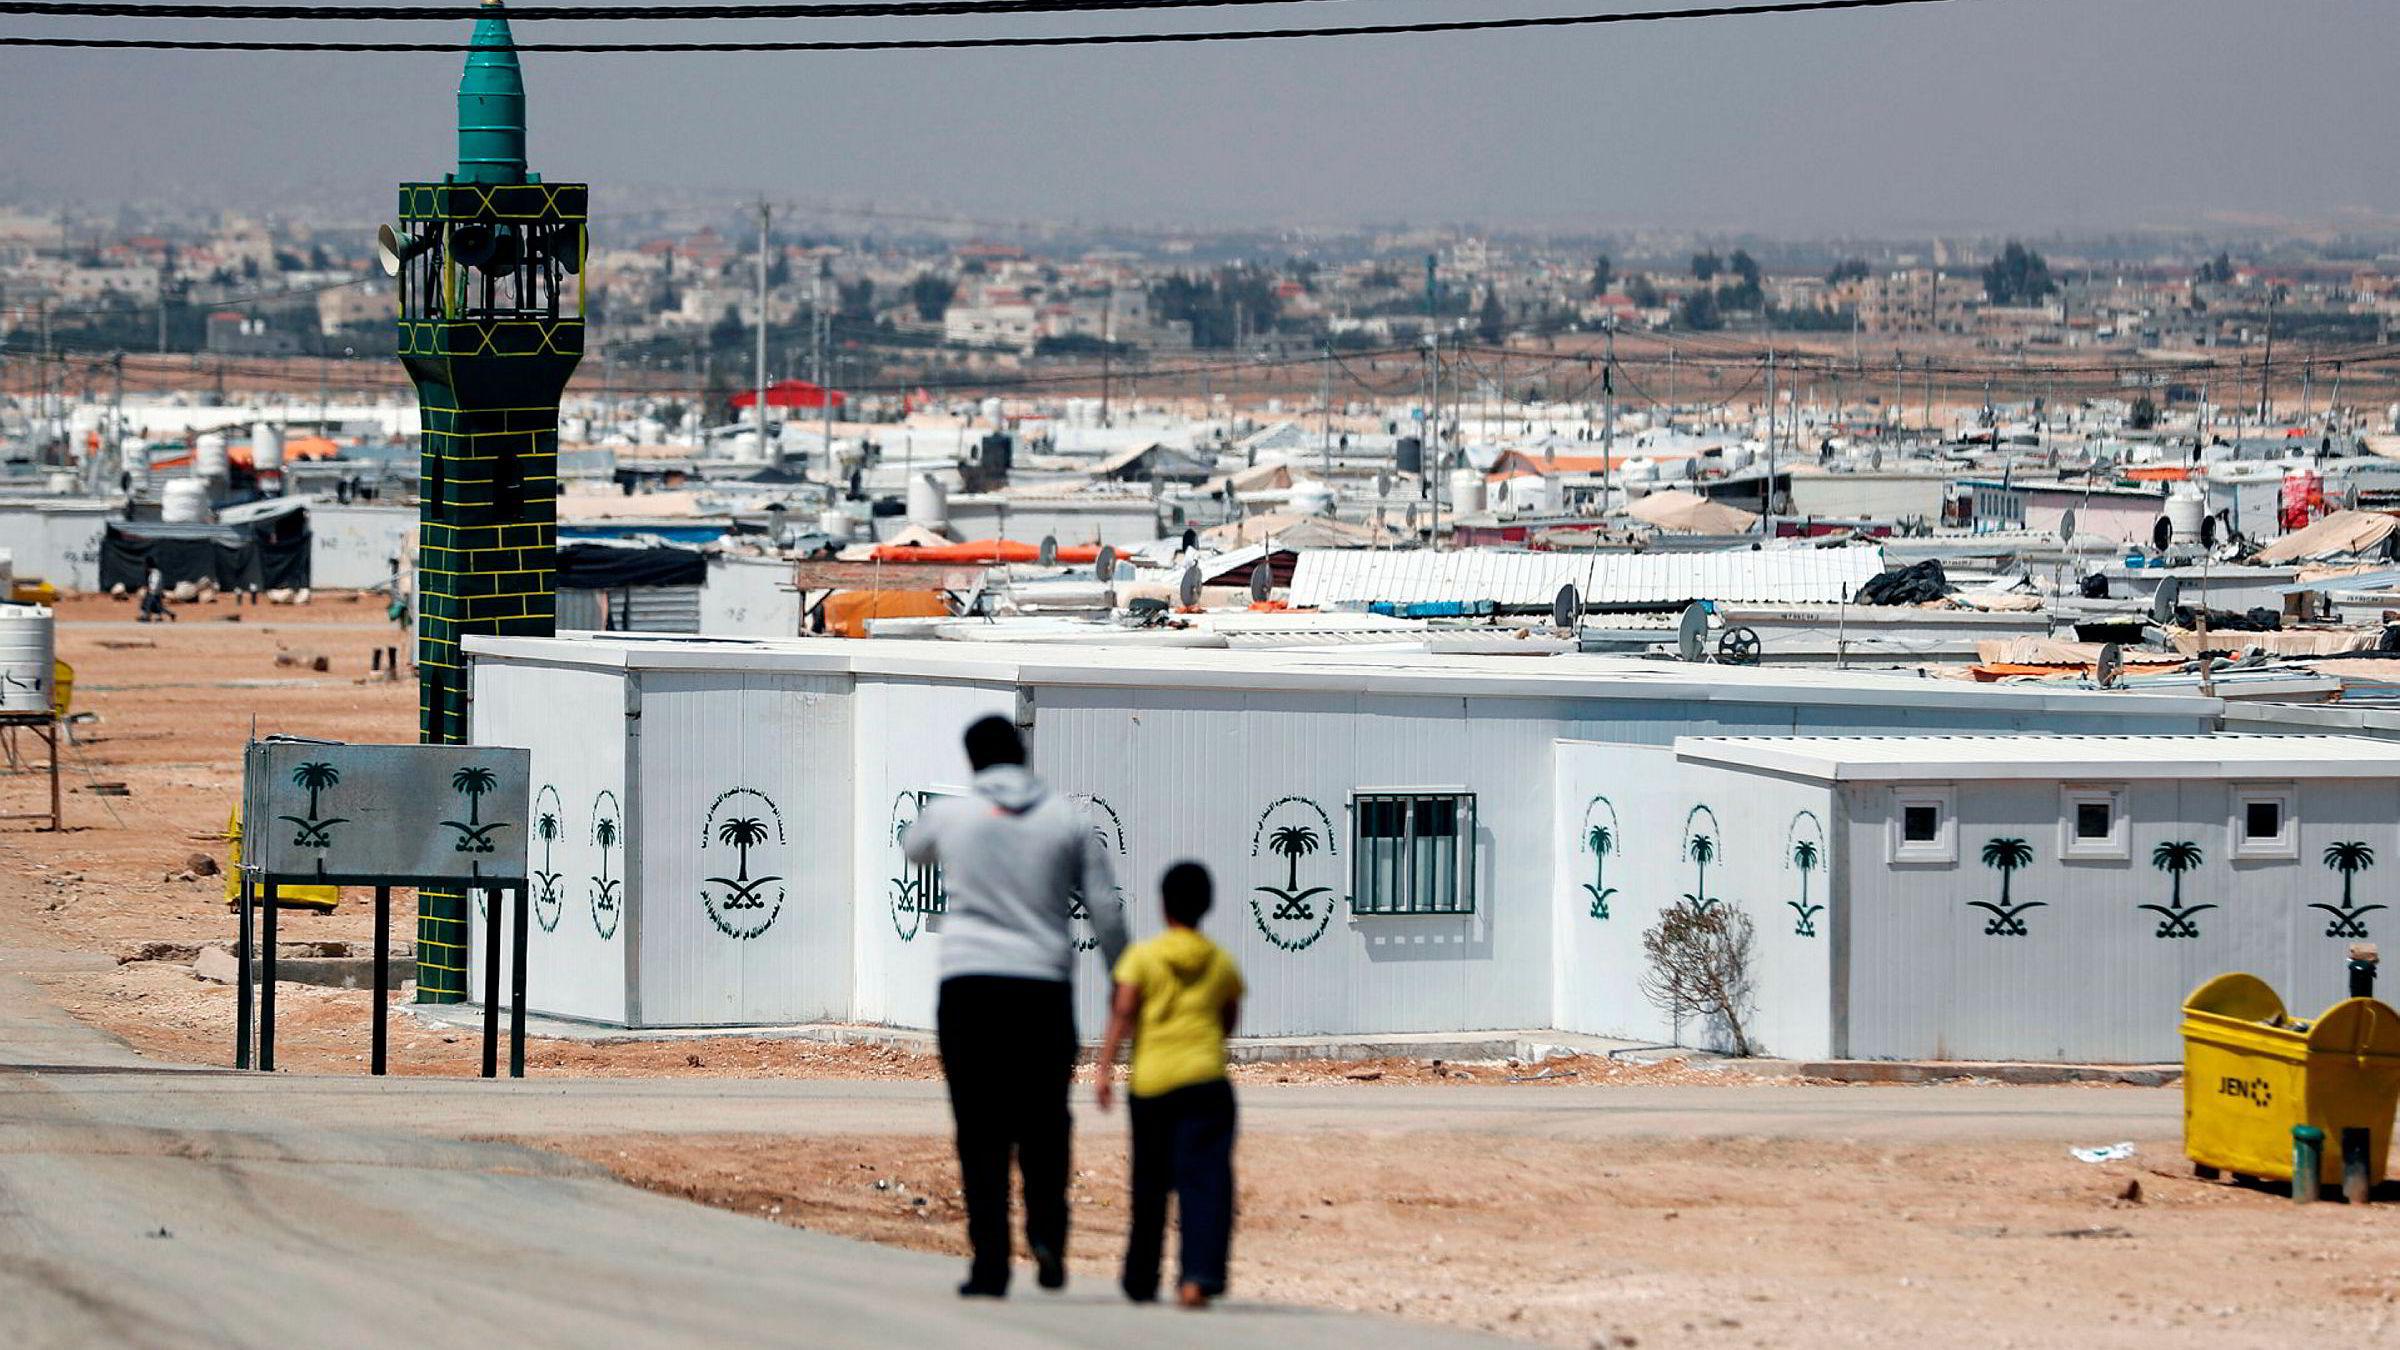 Professor Paul Collier ved Universitetet i Oxford mener hele det internasjonale flyktningregimet har spilt fallitt. Et besøk i den gigantiske flyktningleiren Zaatari (bildet) i Jordan i 2015 gjorde sterkt inntrykk på ham.